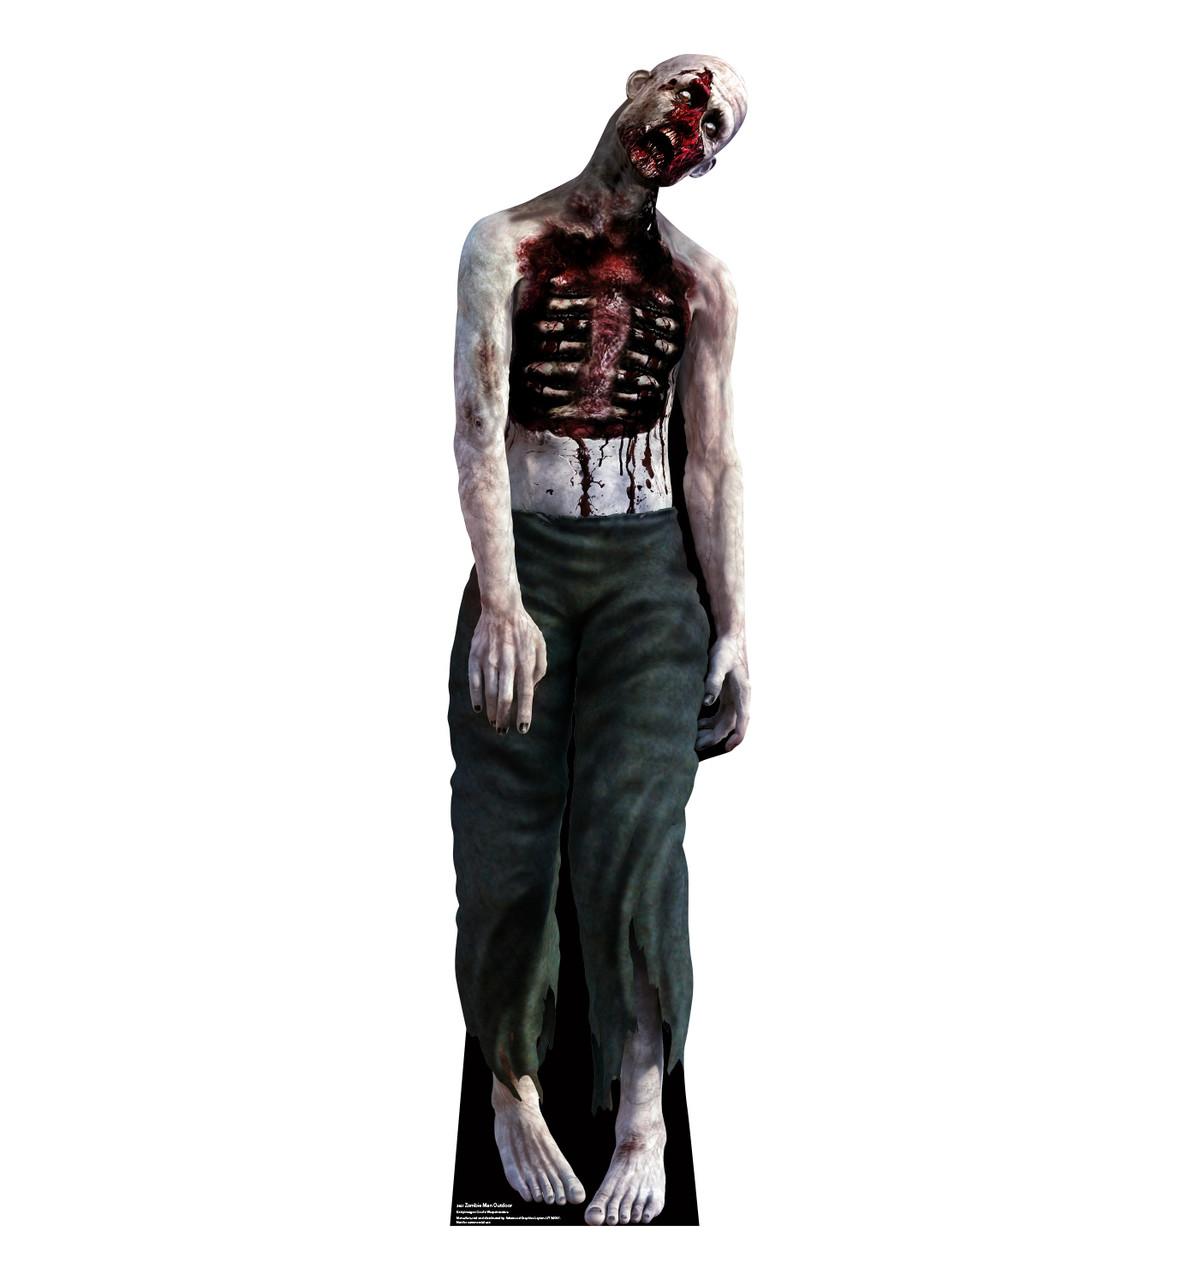 Zombie Man outdoor standee.